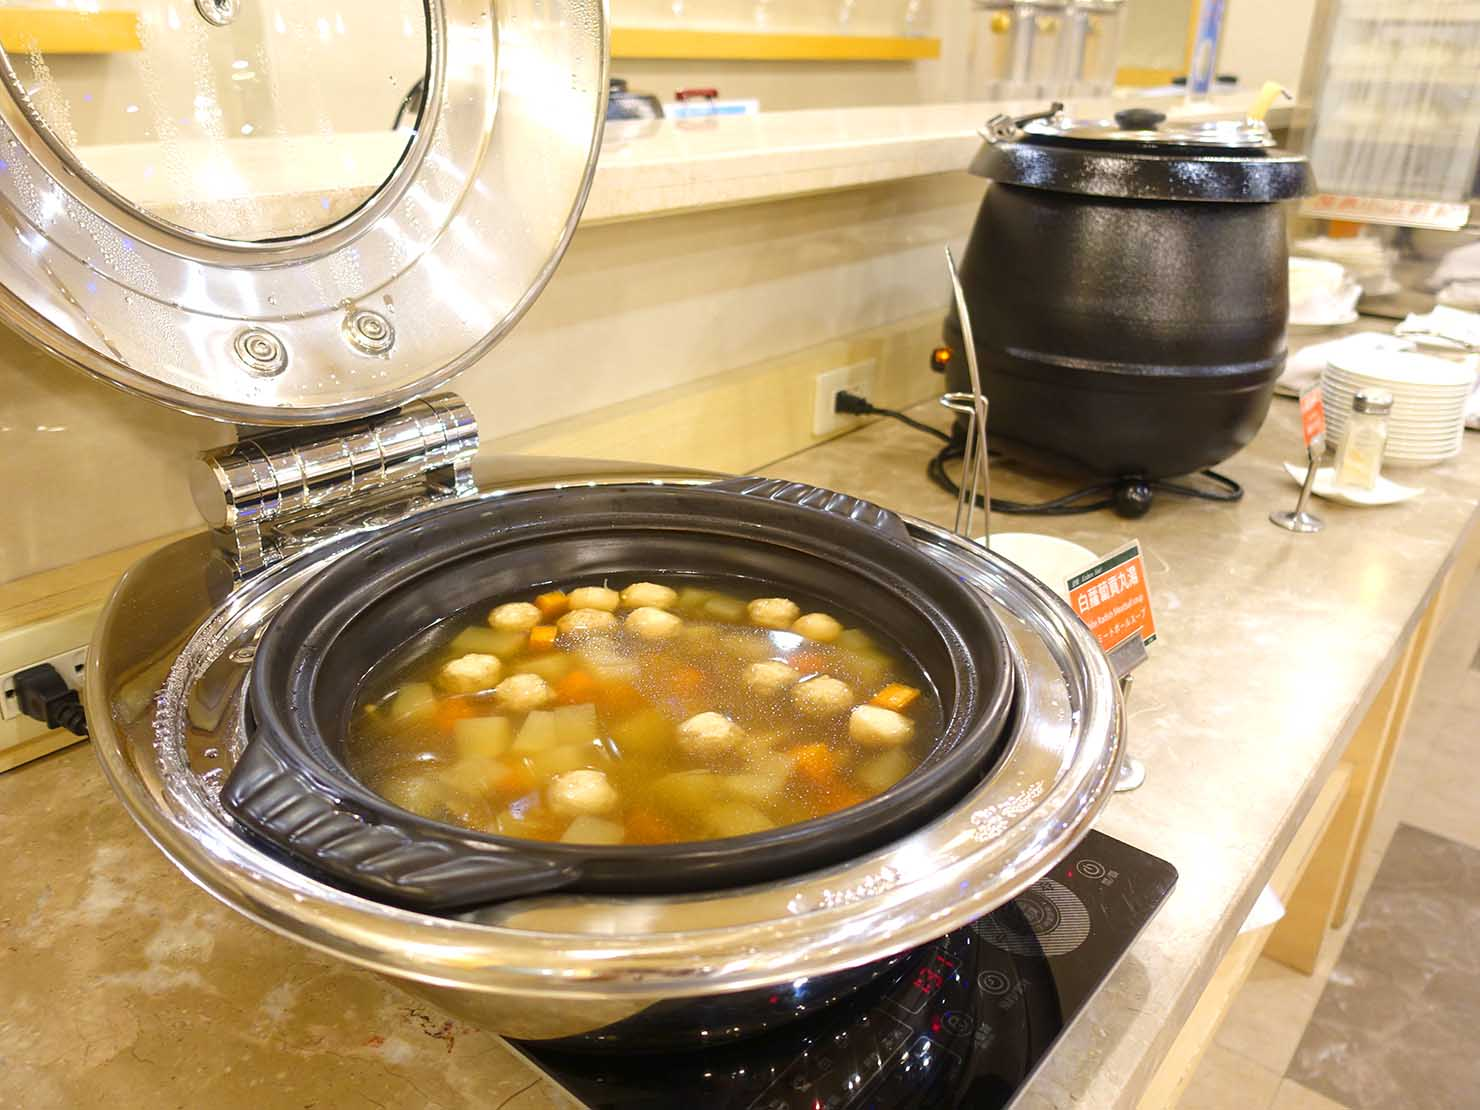 高雄のおすすめチェーンホテル「康橋商旅 Kindness Hotel(漢神館)」カフェスペースの夜食